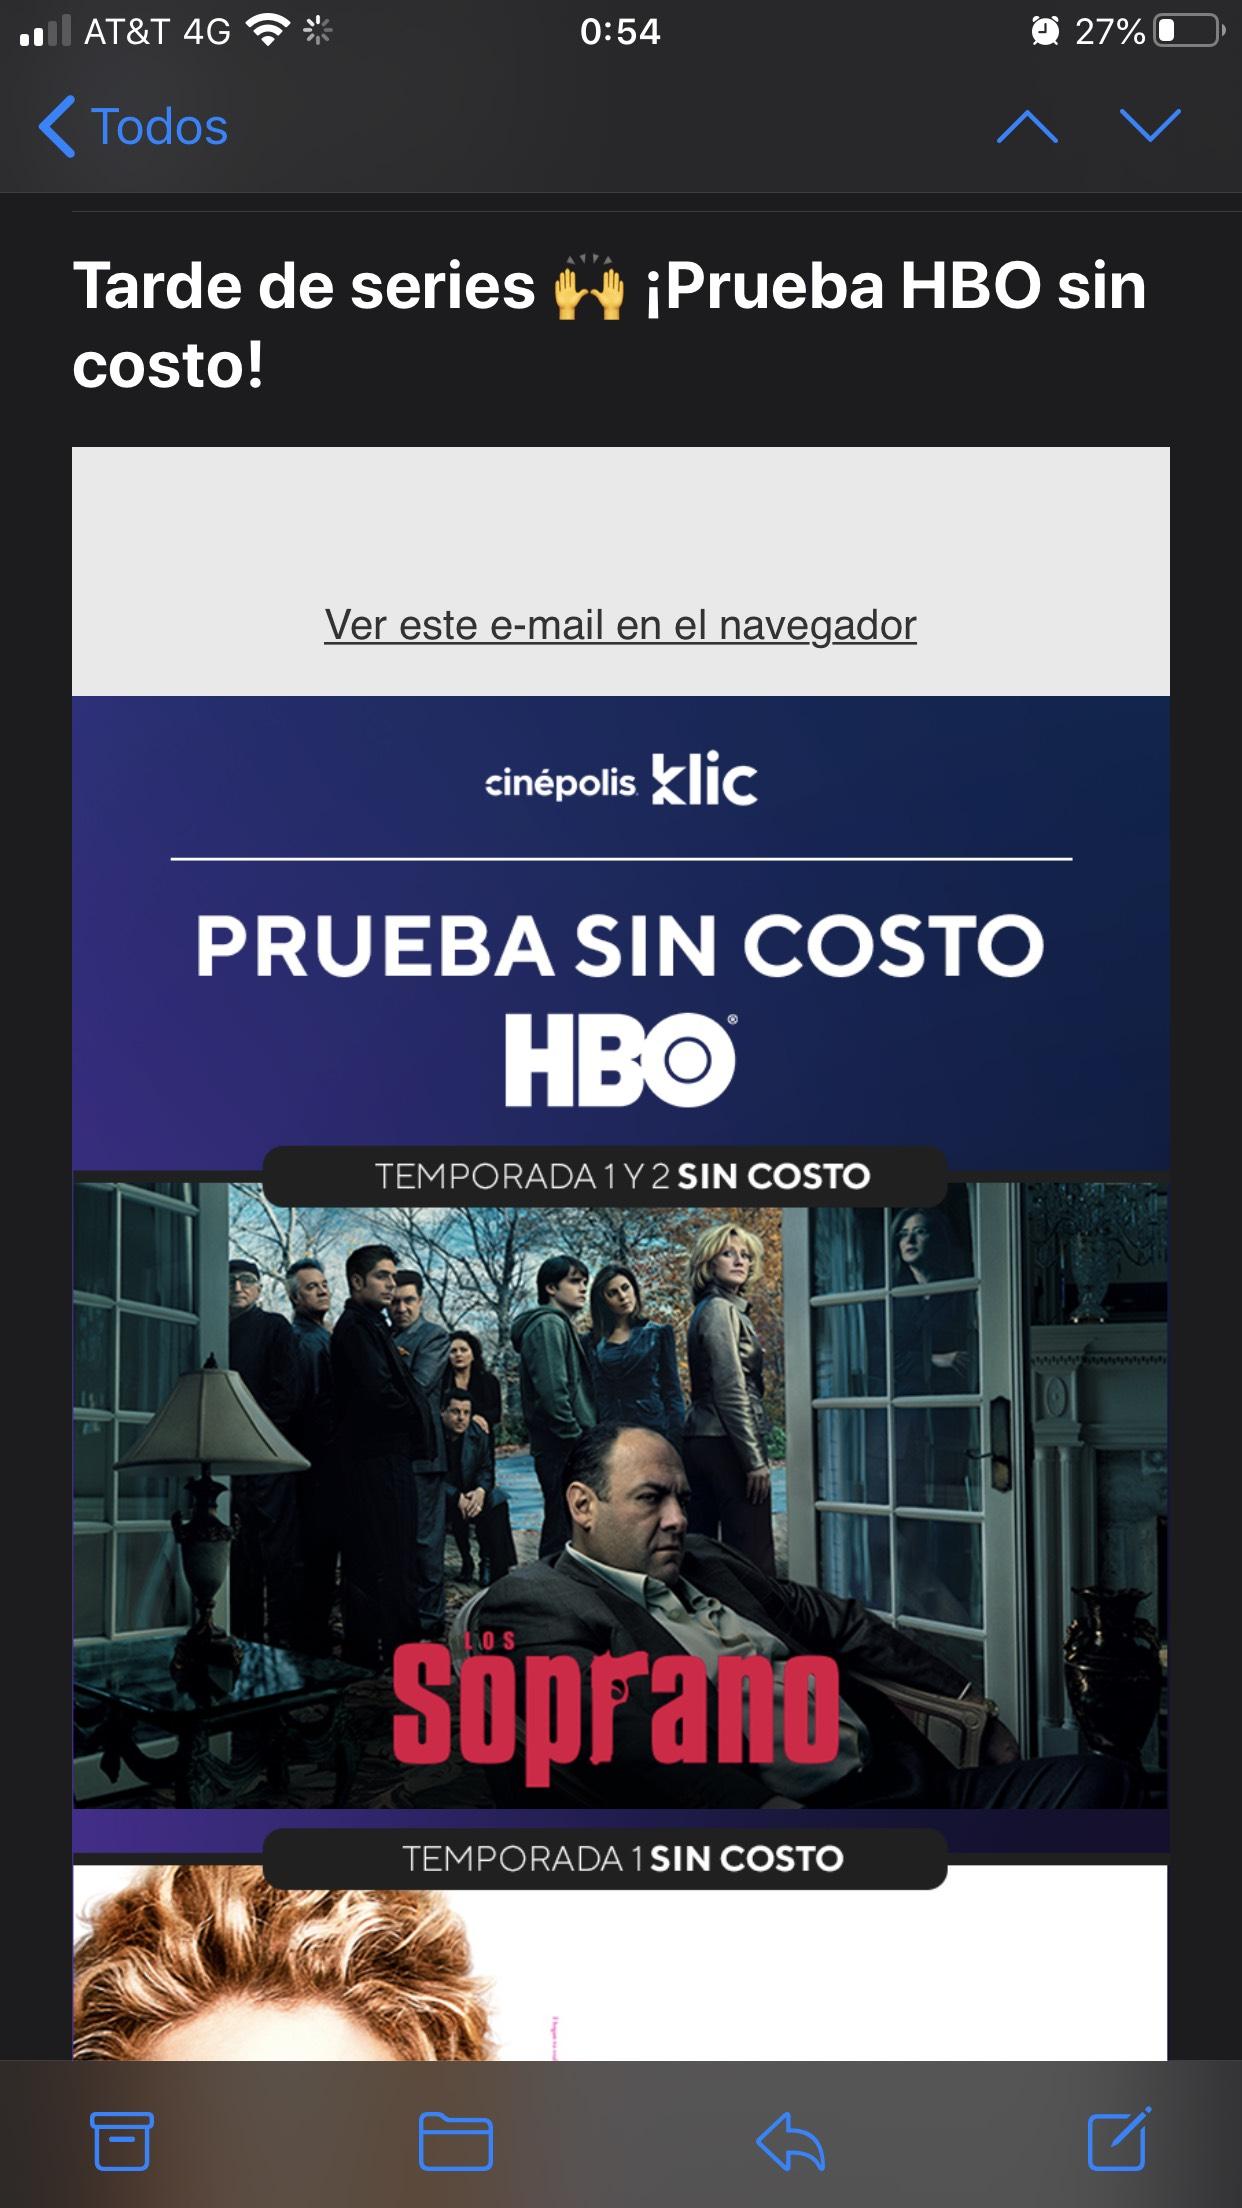 Cinépolis clik HBO GRATIS sin cupones. mes de mayo solo series seleccionadas